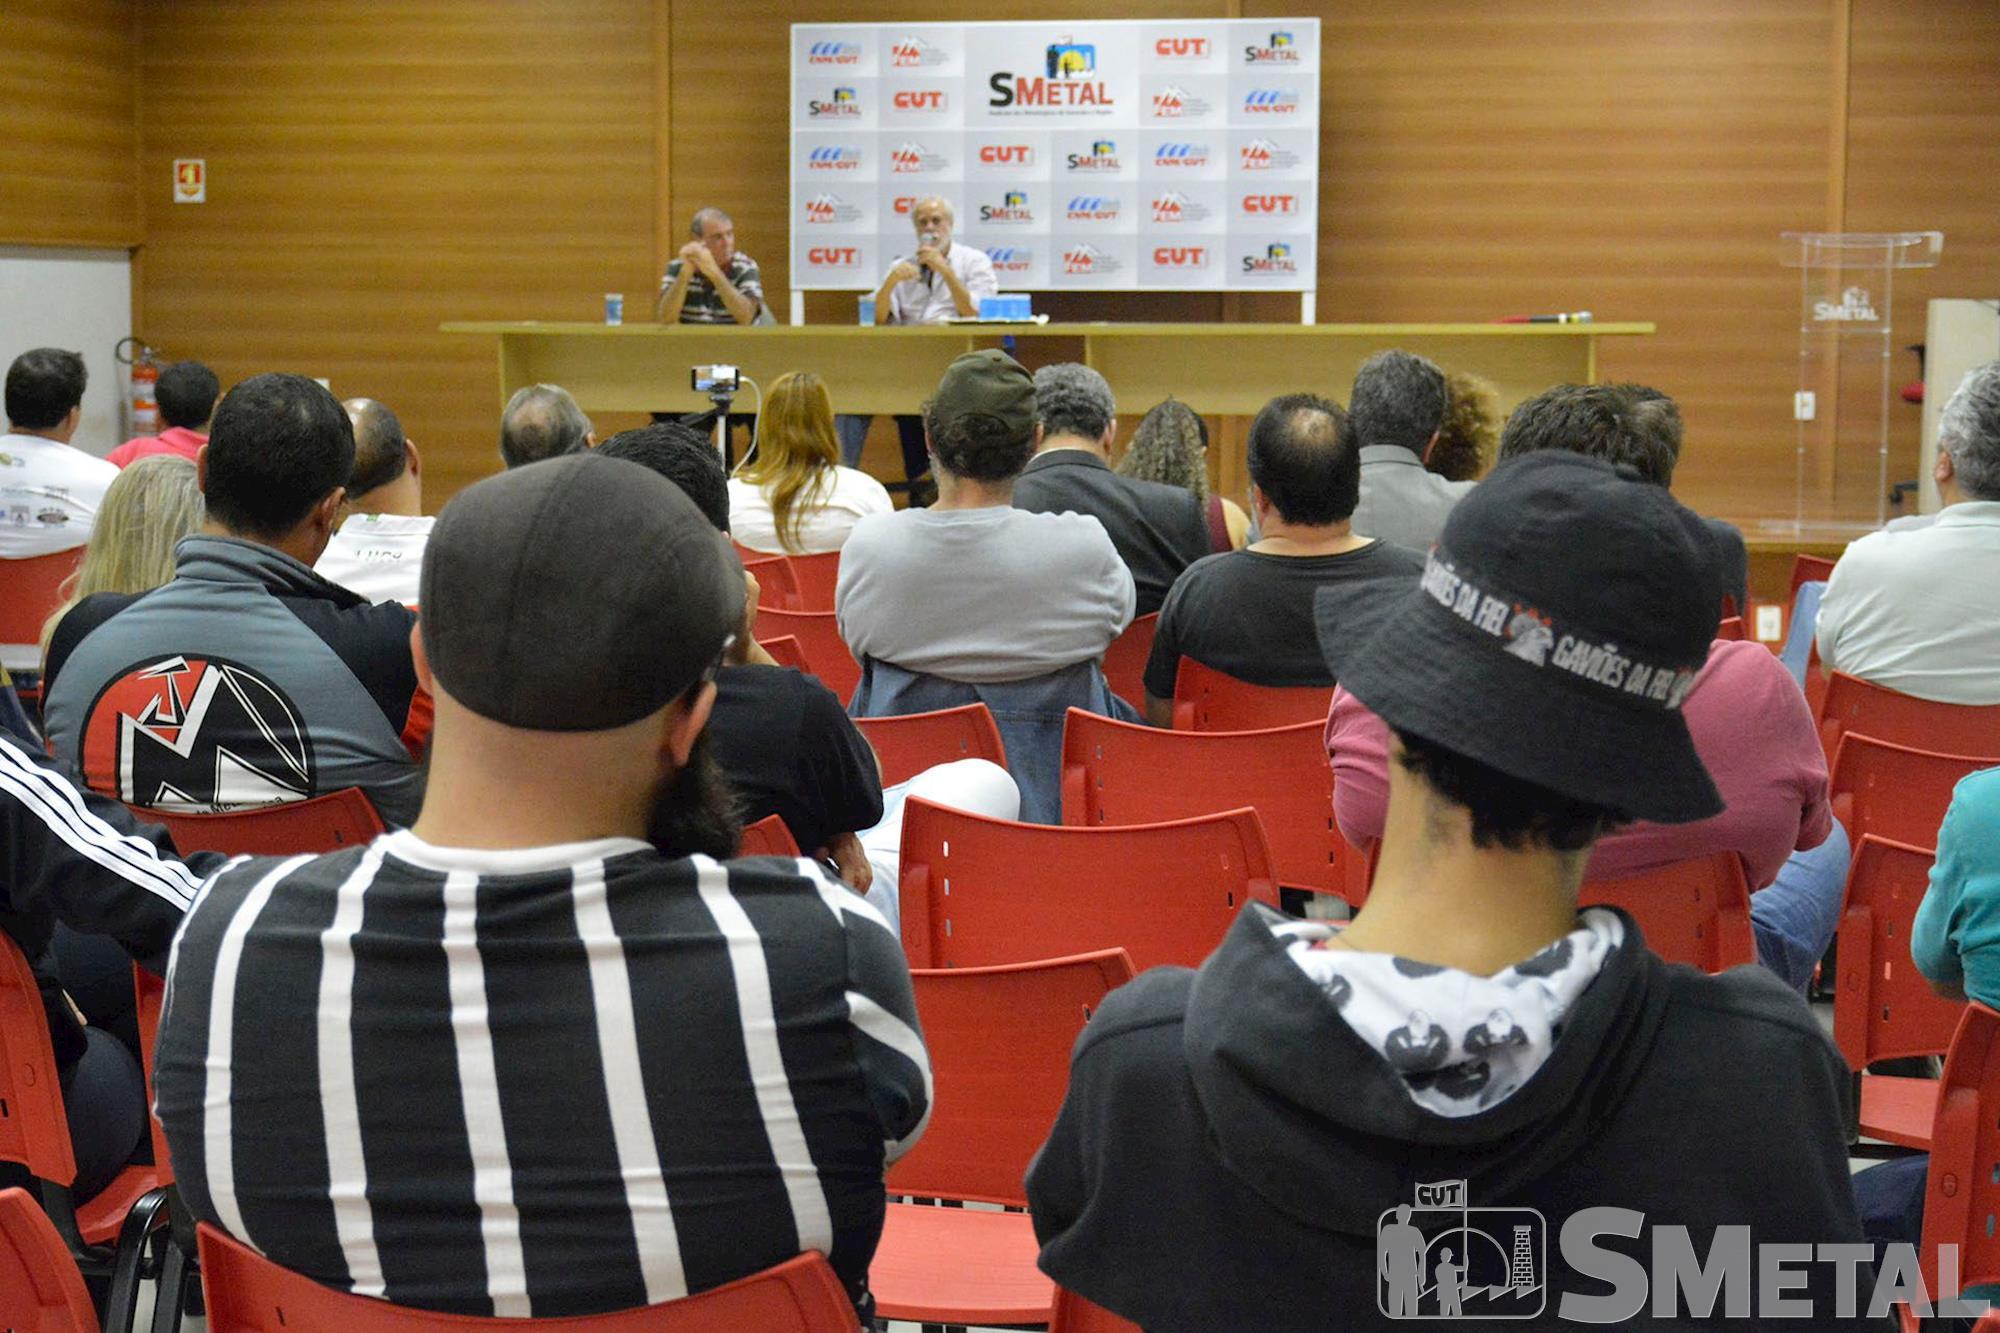 futebol,  democracia,  formação,  smetal,  palestra, Foguinho/Imprensa SMetal, Evento com Nando e Afonsinho debate futebol arte e de resistência